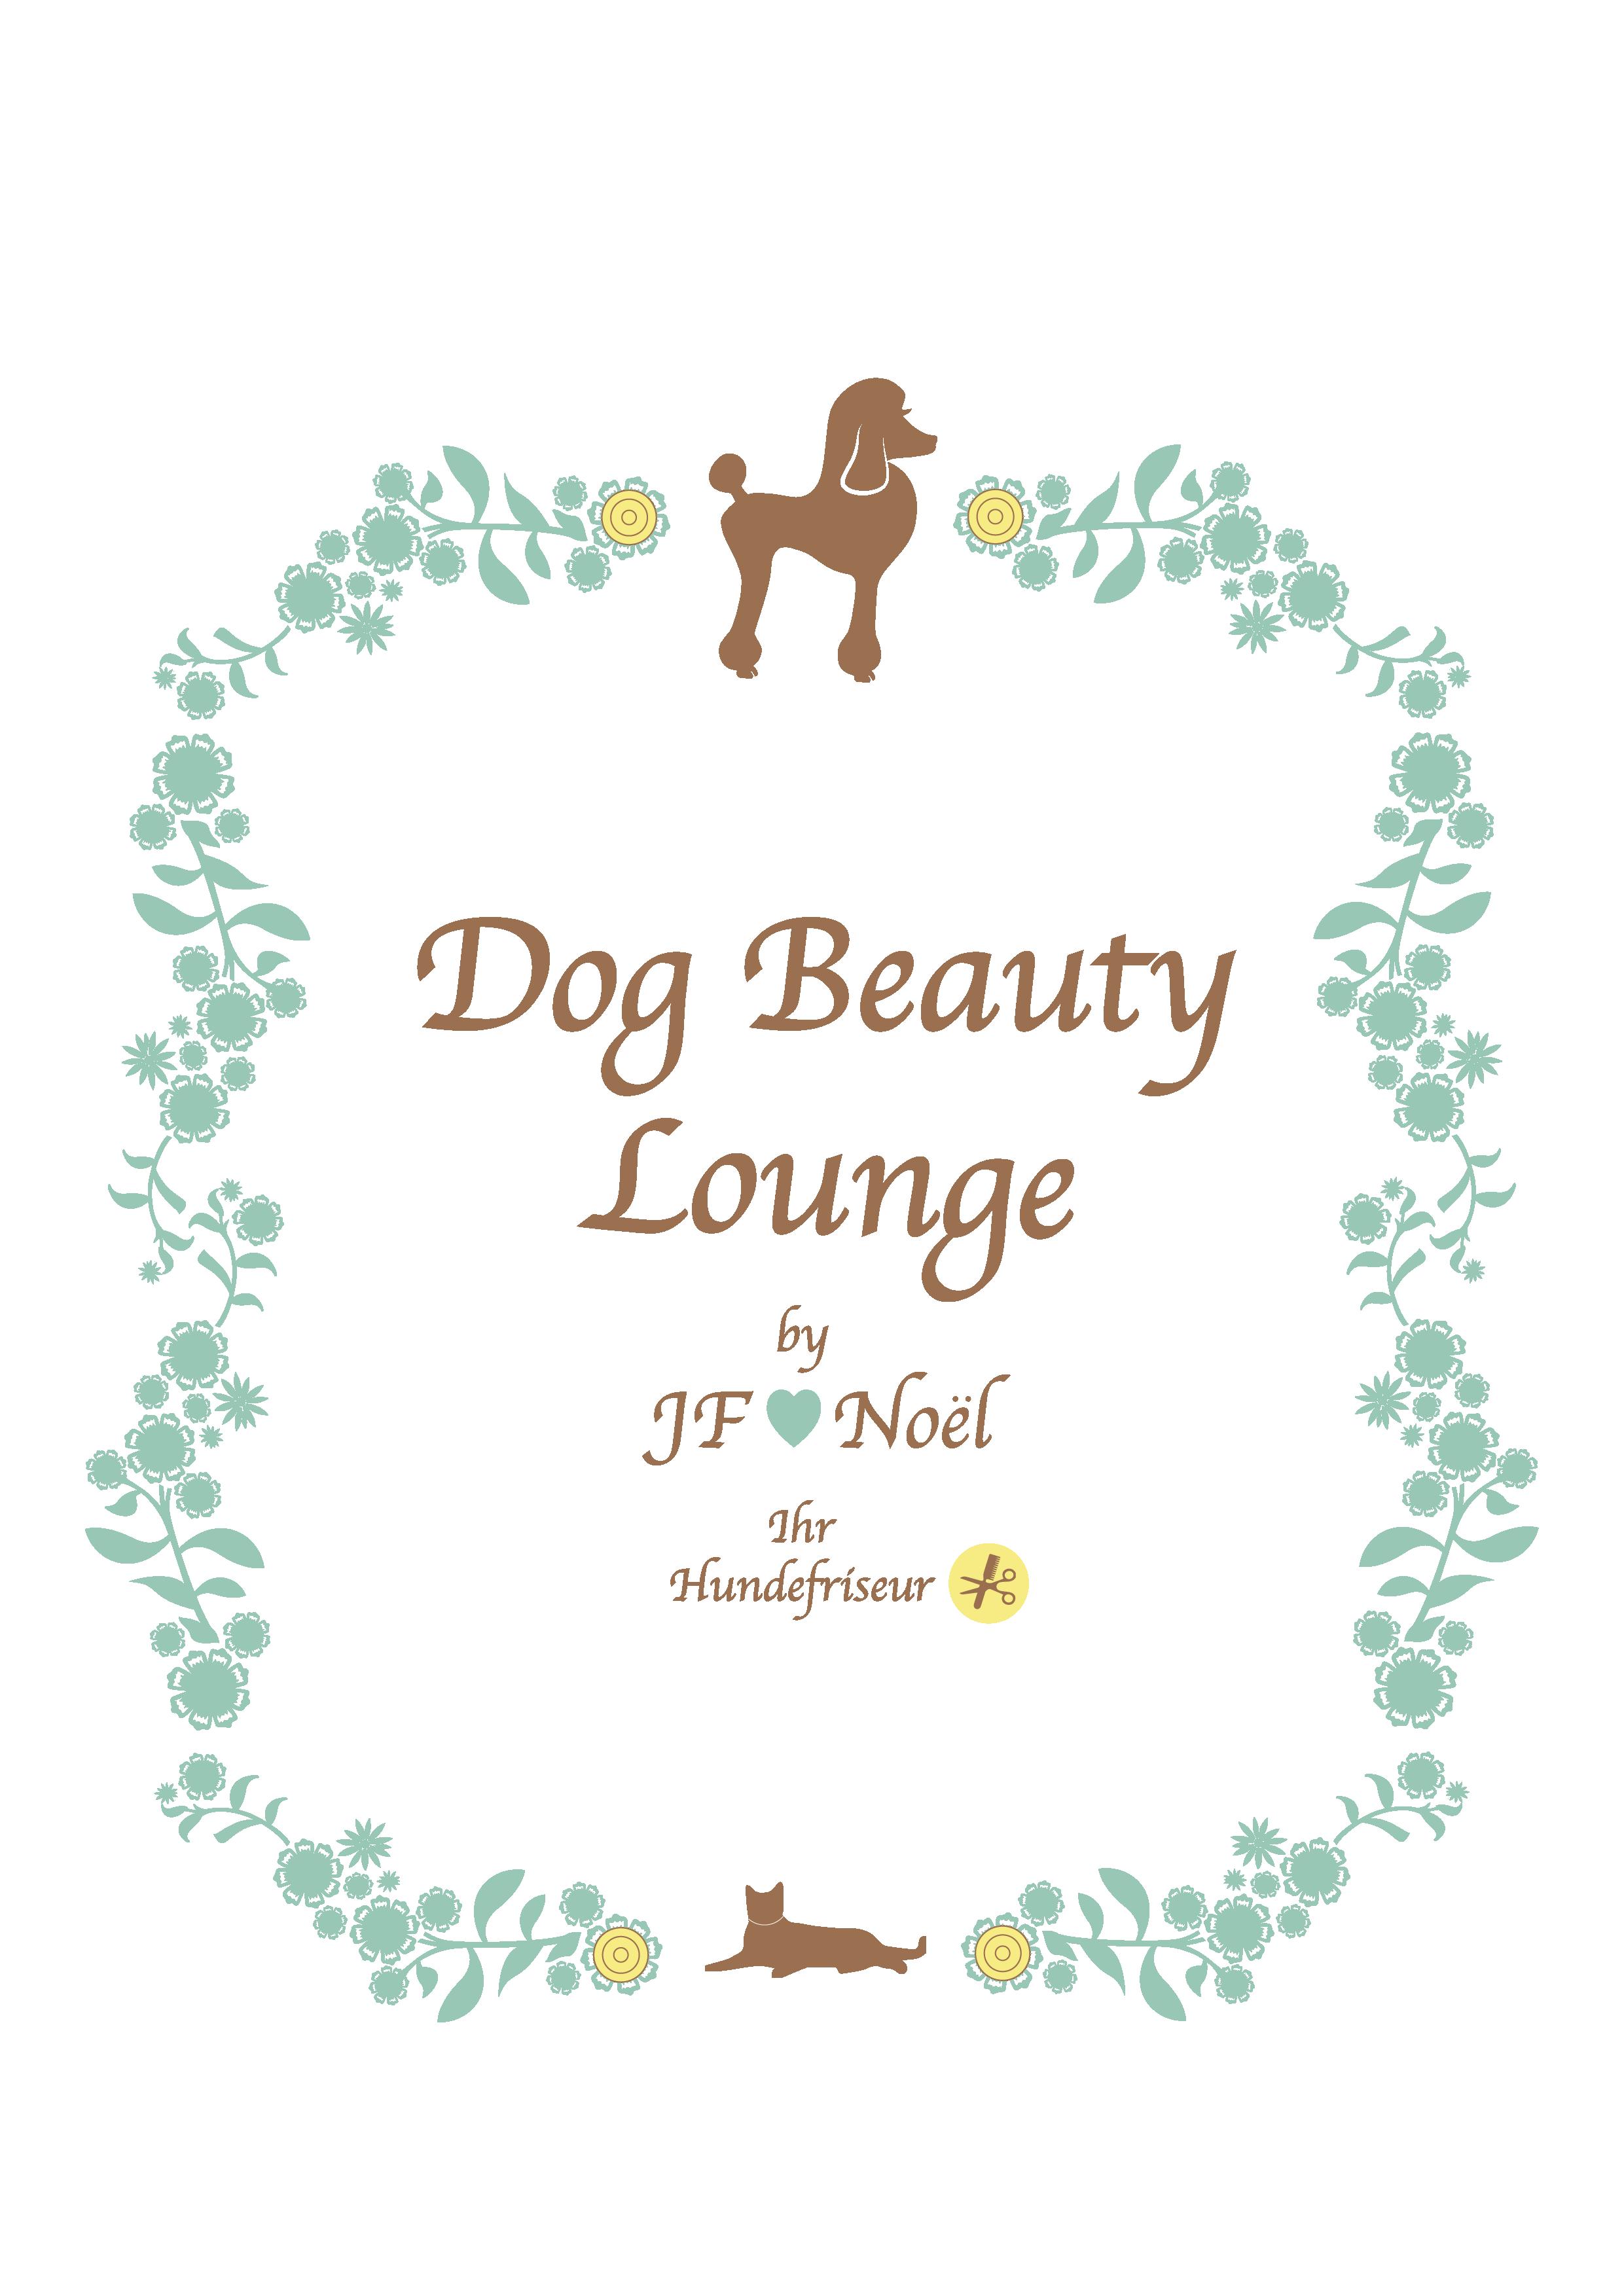 Dog Beauty Lounge